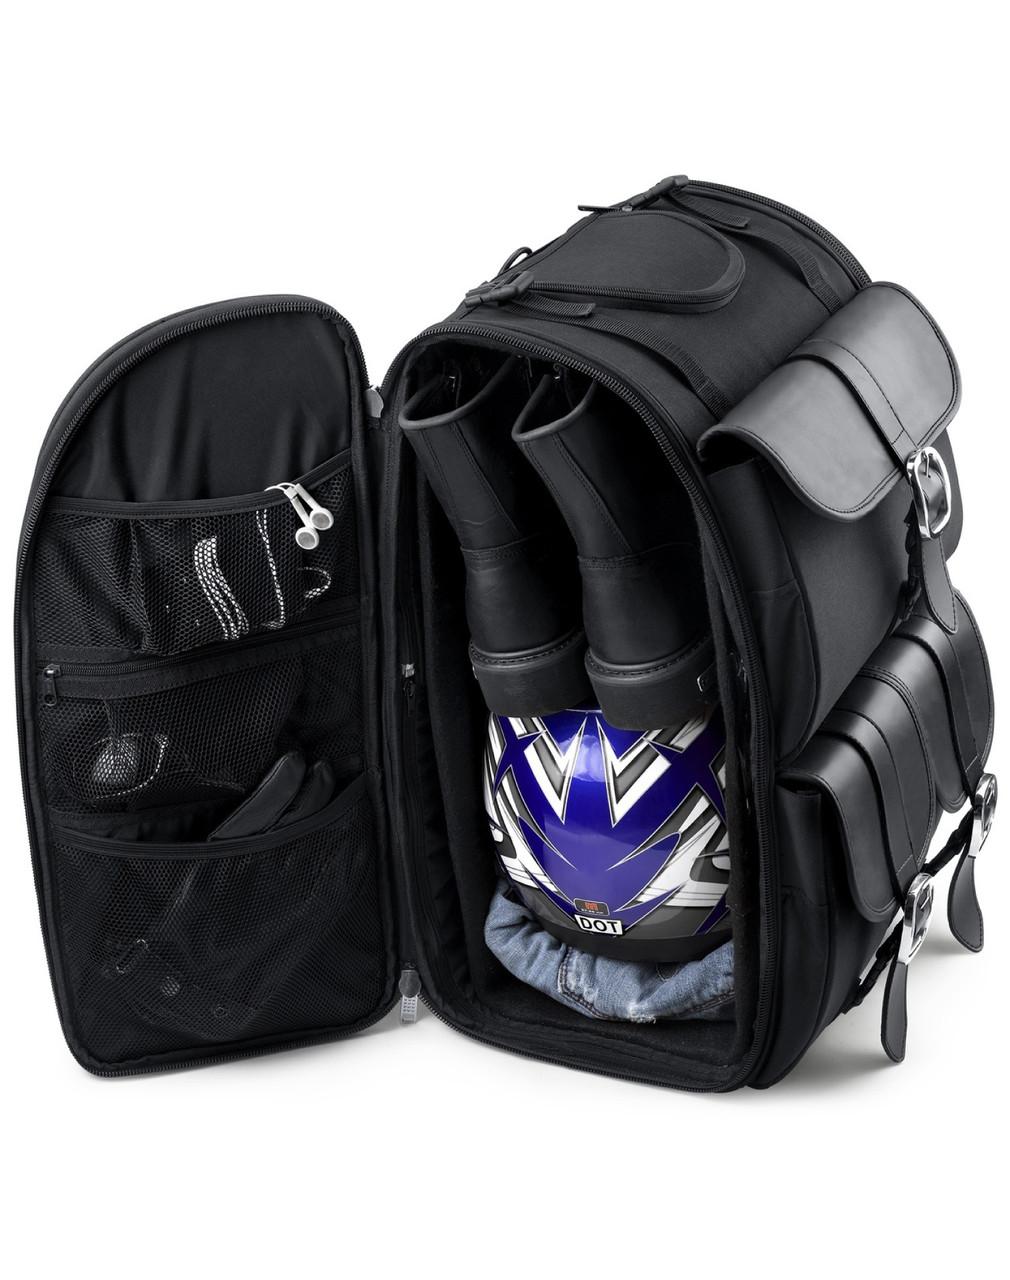 Honda Viking Extra Large Plain Motorcycle Tail Bag Storage View